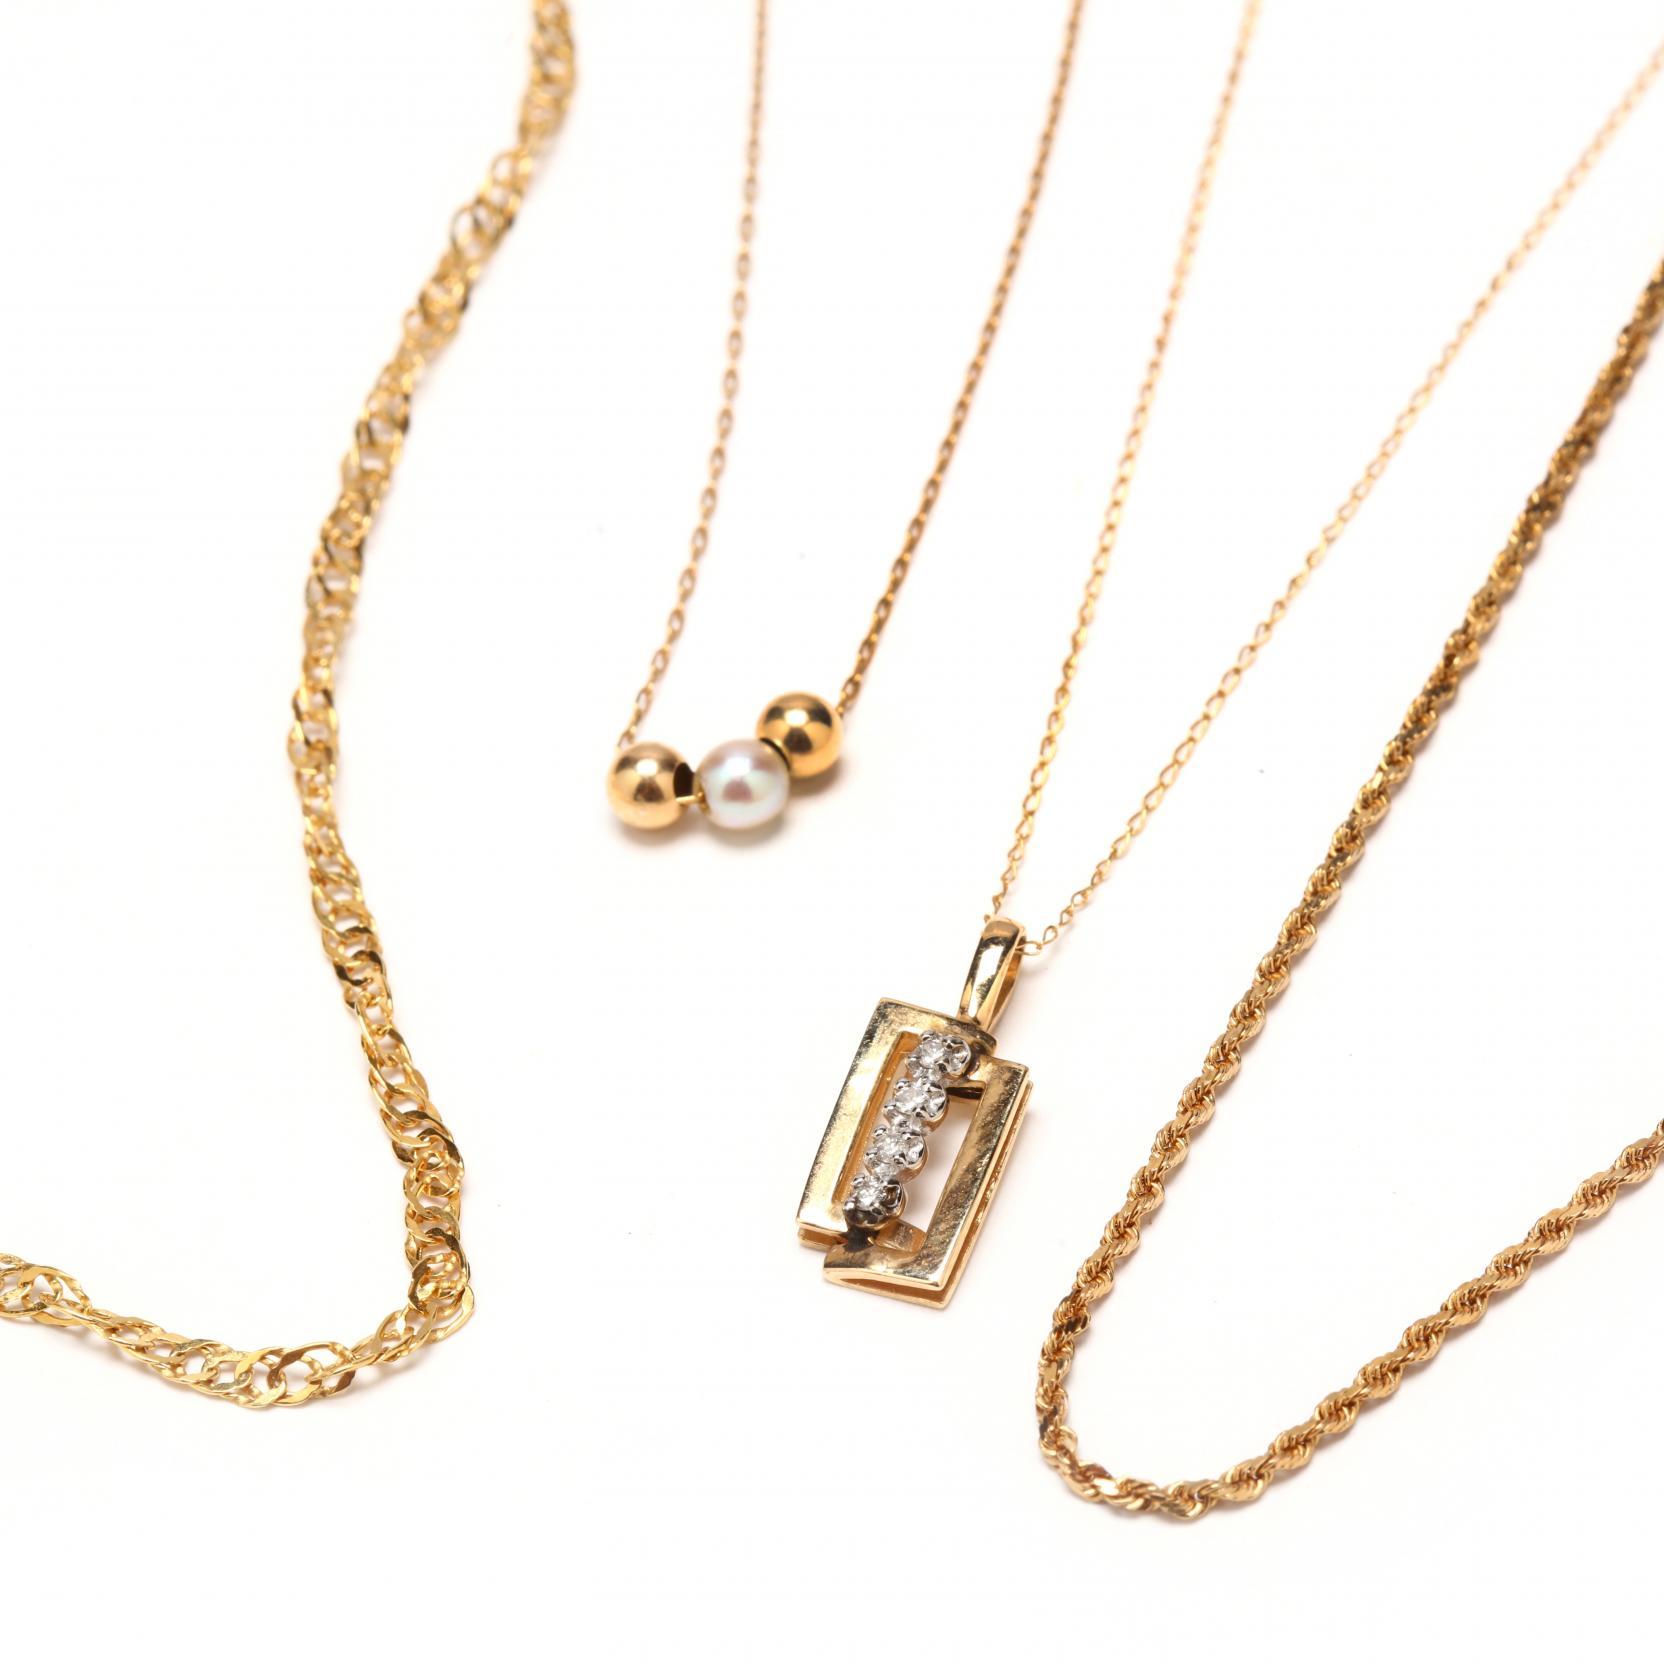 four-14kt-gold-necklaces